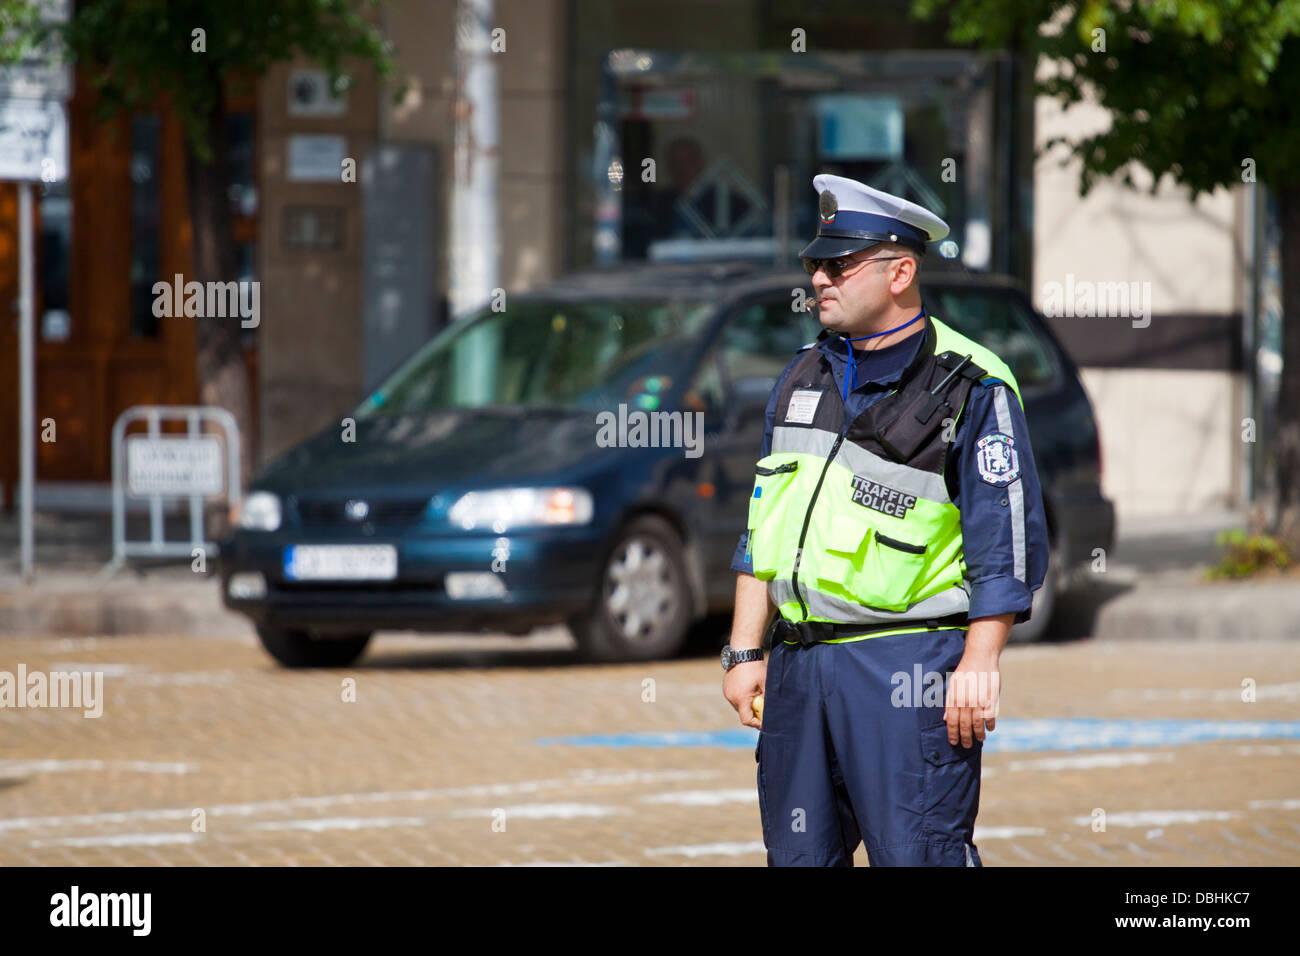 Bulgarische Verkehrspolizist in Warnweste; Zentrum von Sofia. Stockbild